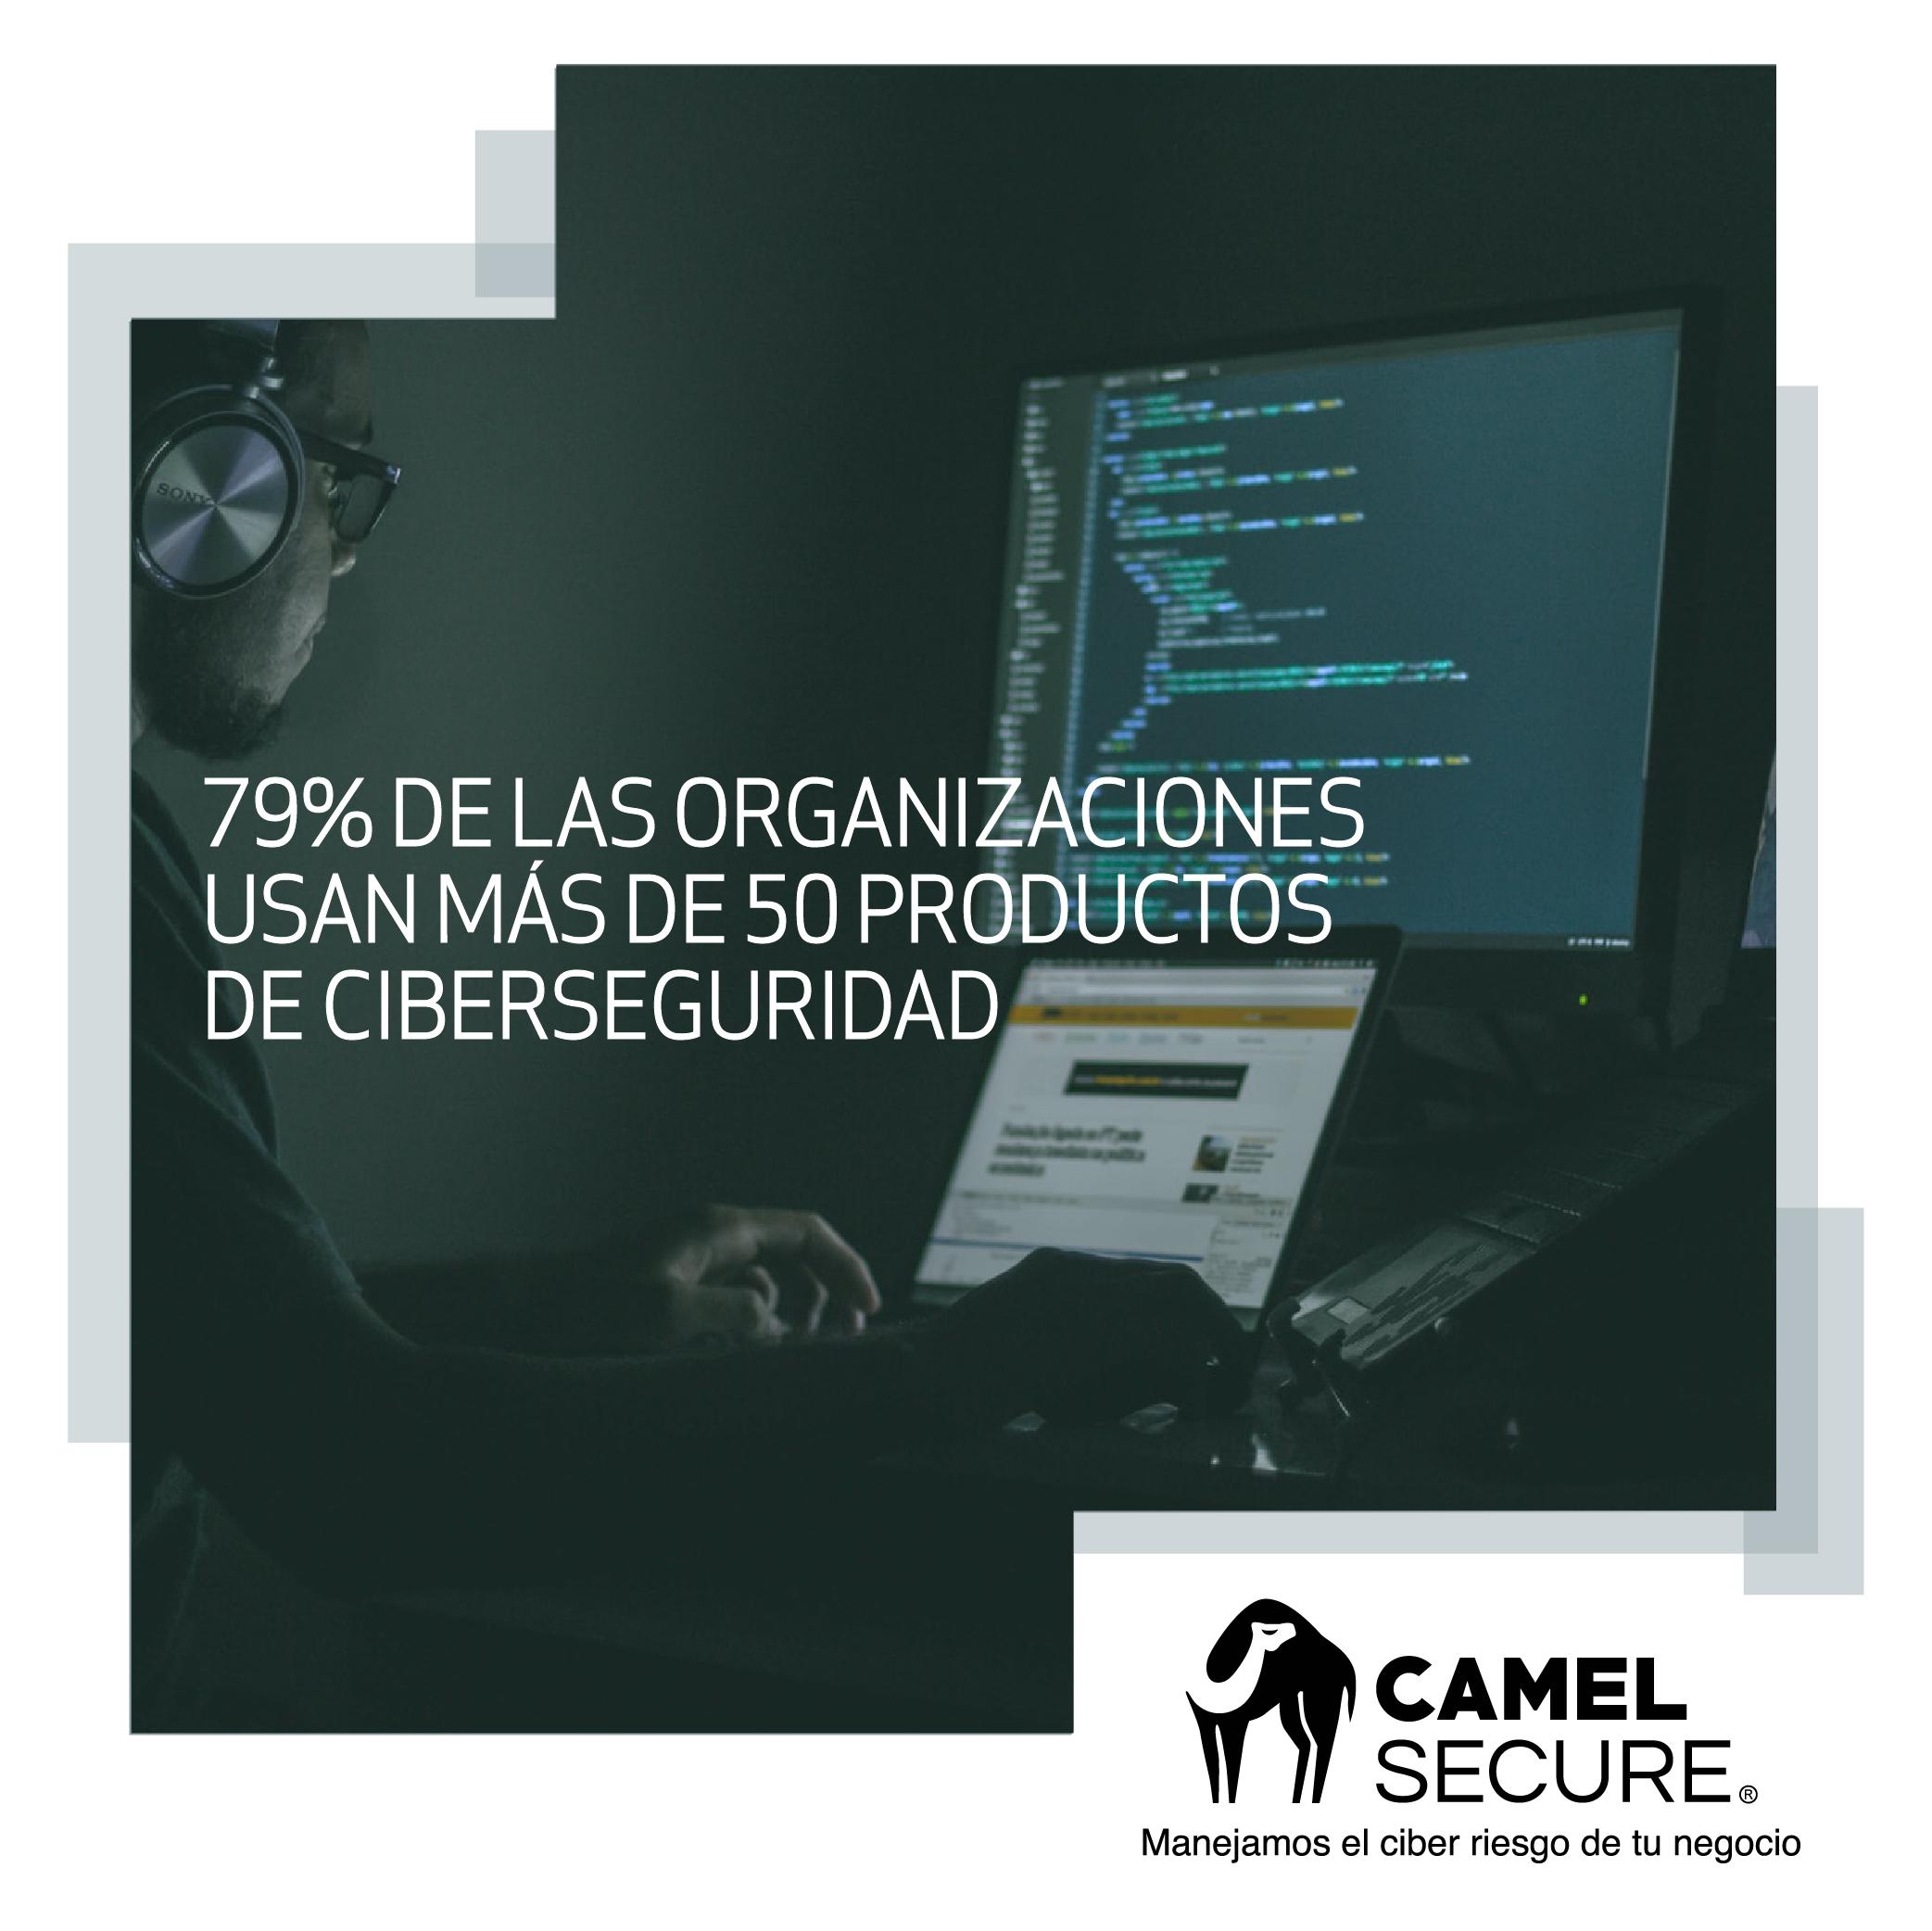 79% de las organizaciones usan más de 50 productos de ciberseguridad